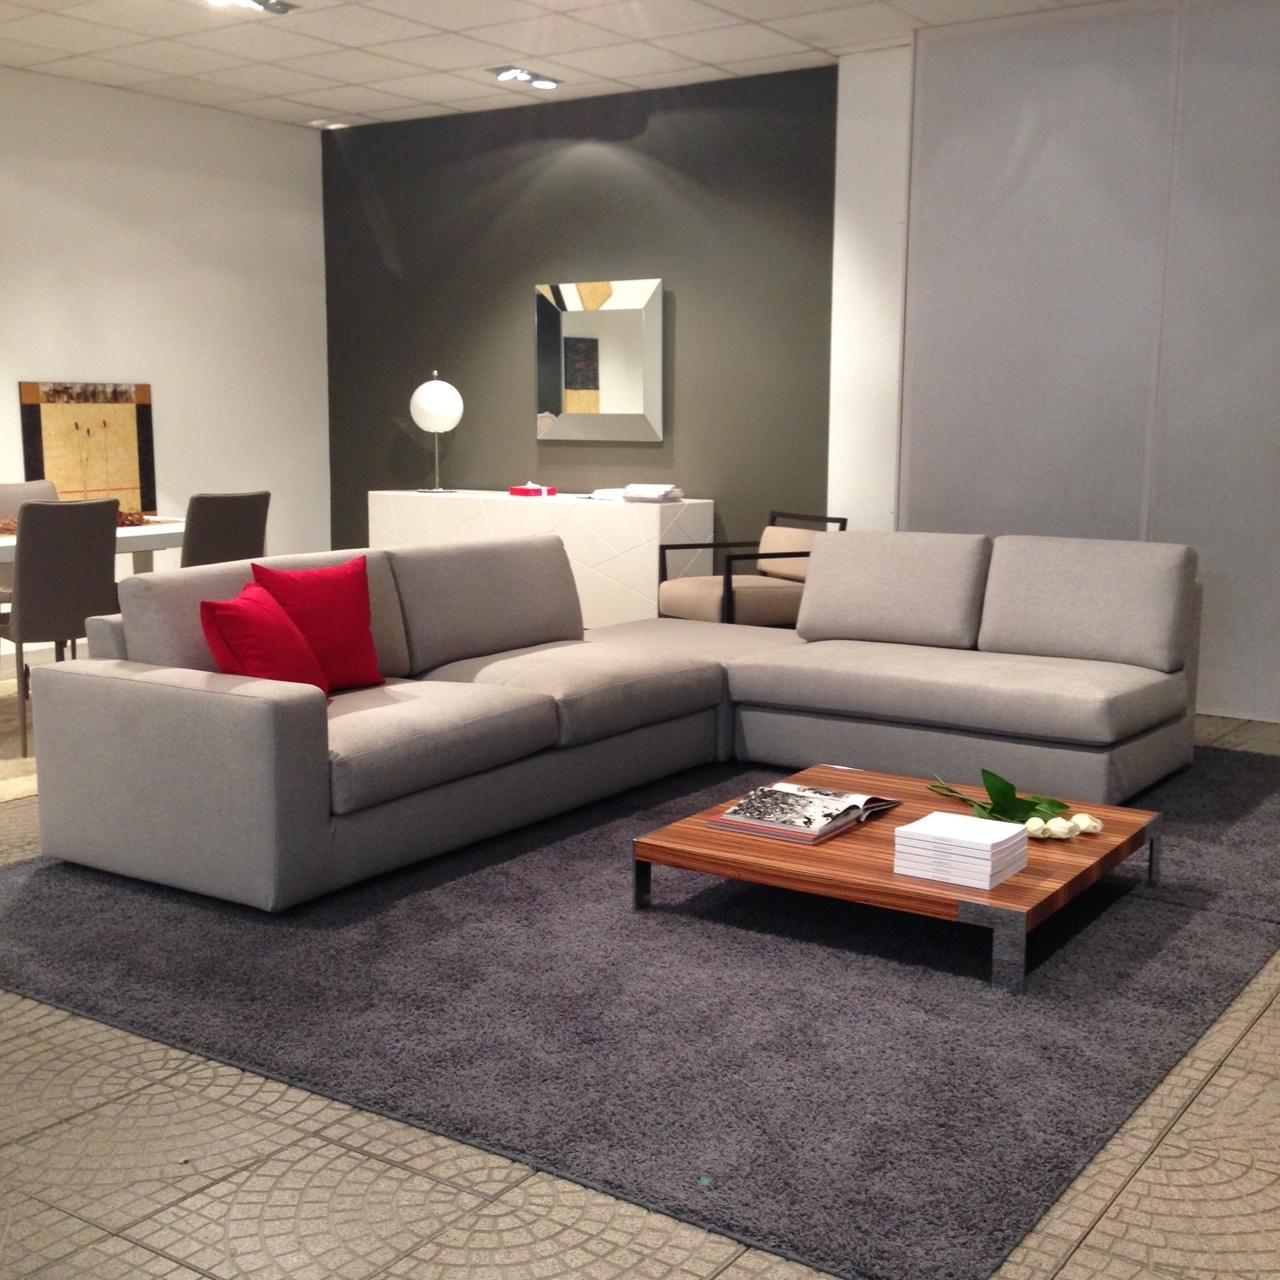 Divano citterio brug scontato del 50 divani a prezzi scontati - Outlet del divano assago ...